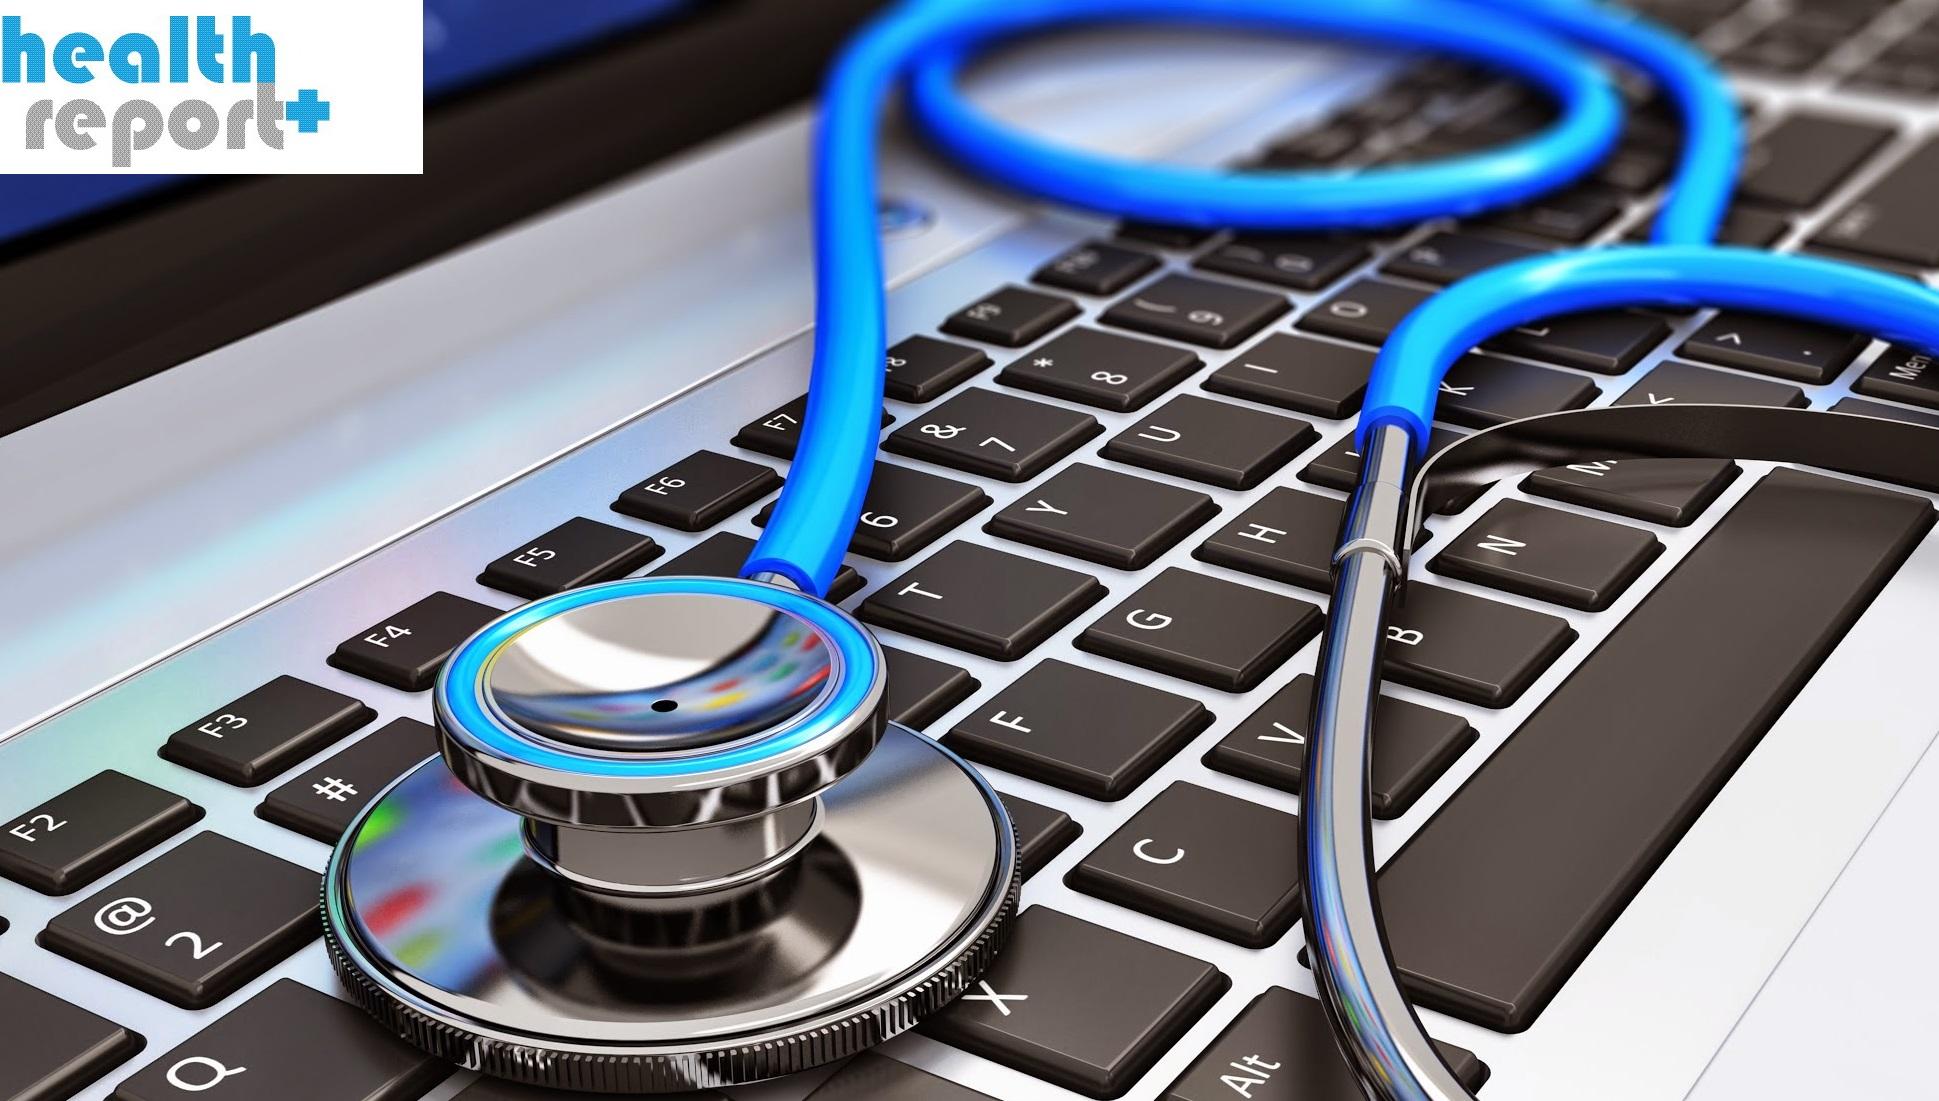 Νέες οδηγίες για την ηλεκτρονική συνταγογράφηση των διαγνωστικών εξετάσεων! Τι αλλάζει